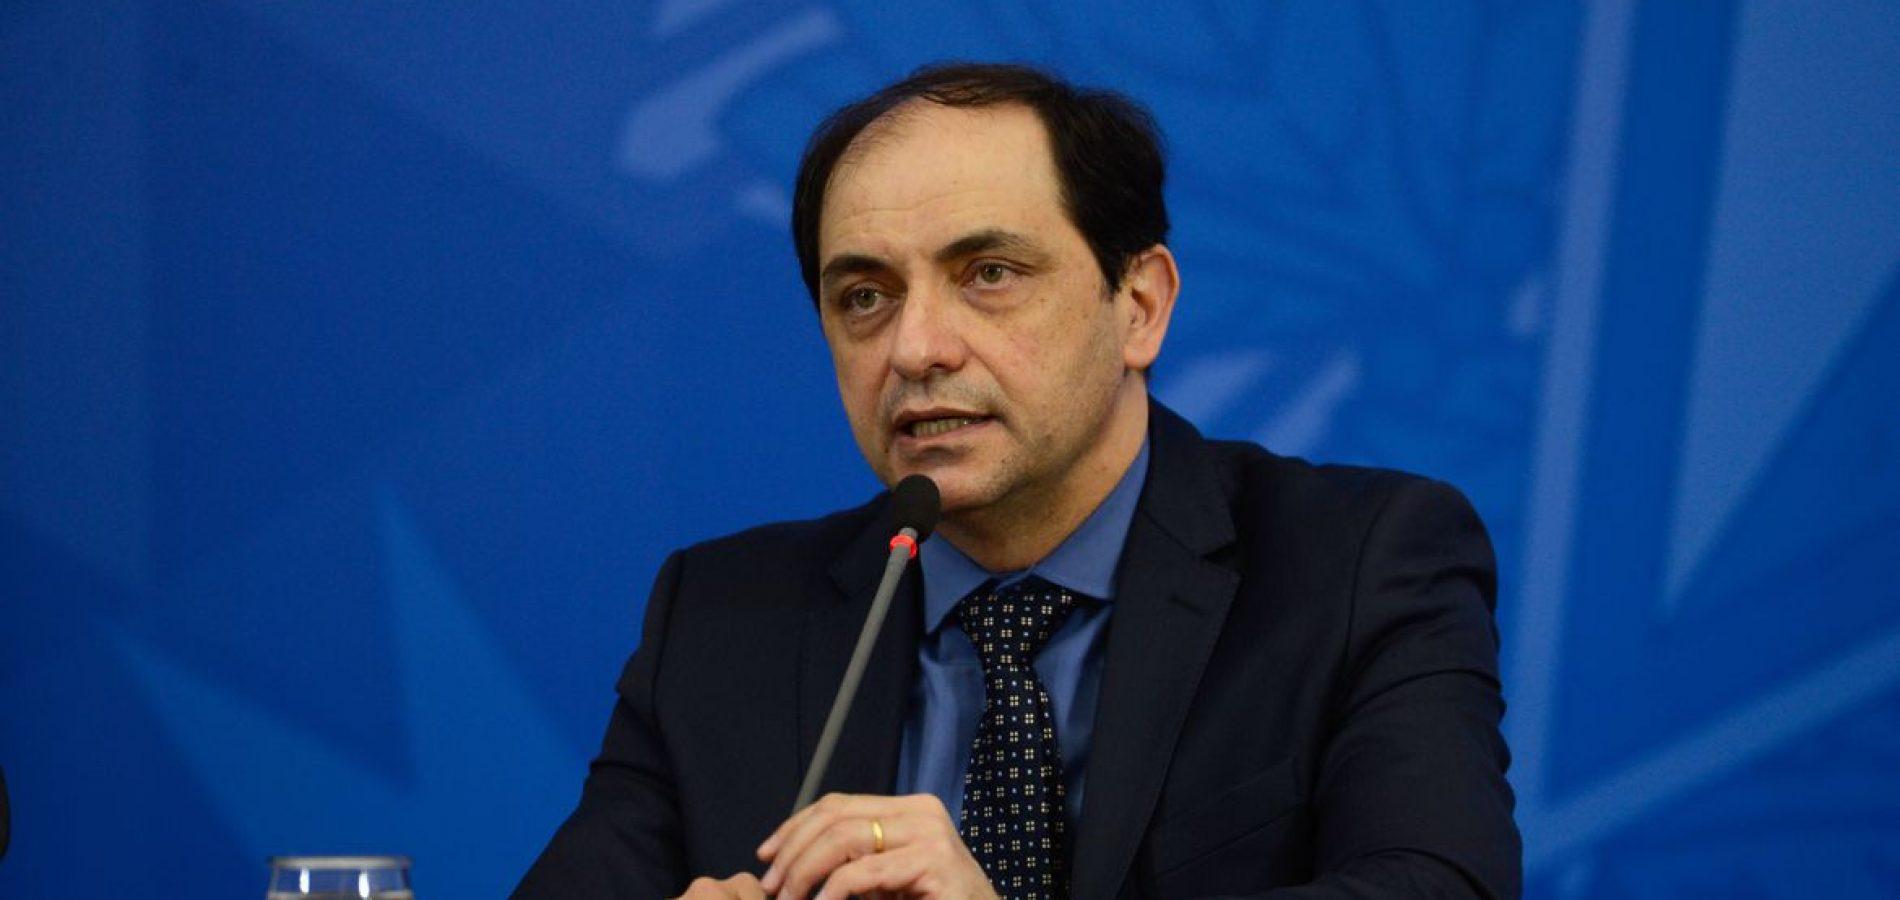 Inflação menor apertará teto de gastos, diz secretário